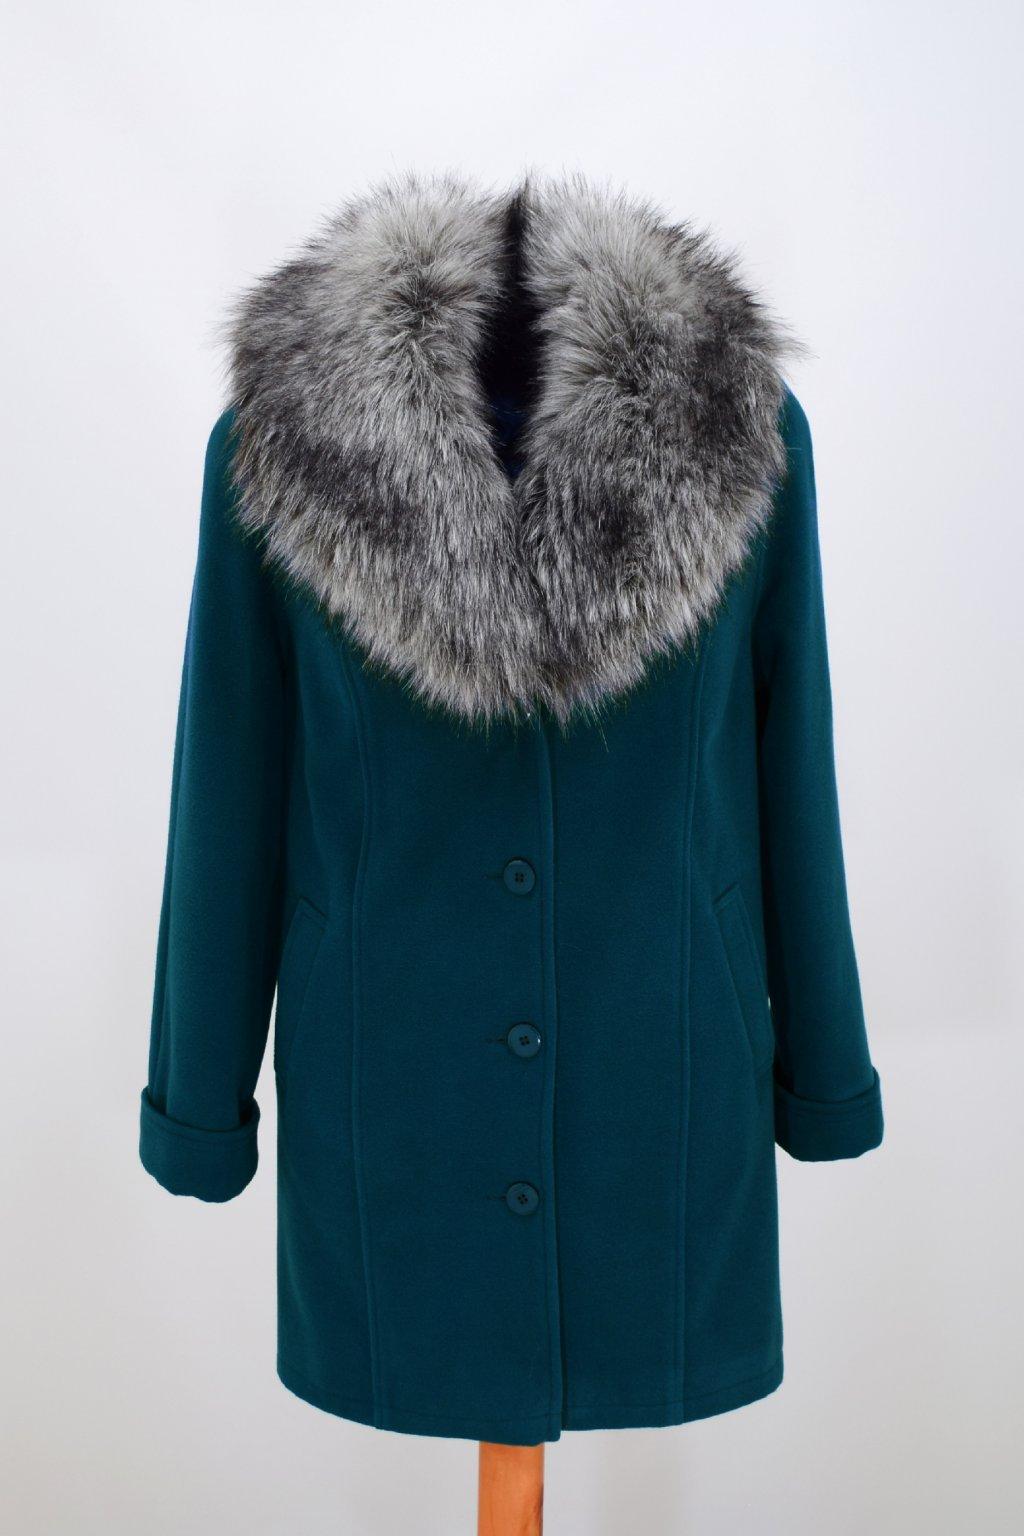 Dámský zimní petrolový kabát Táňa nadměrné velikosti.